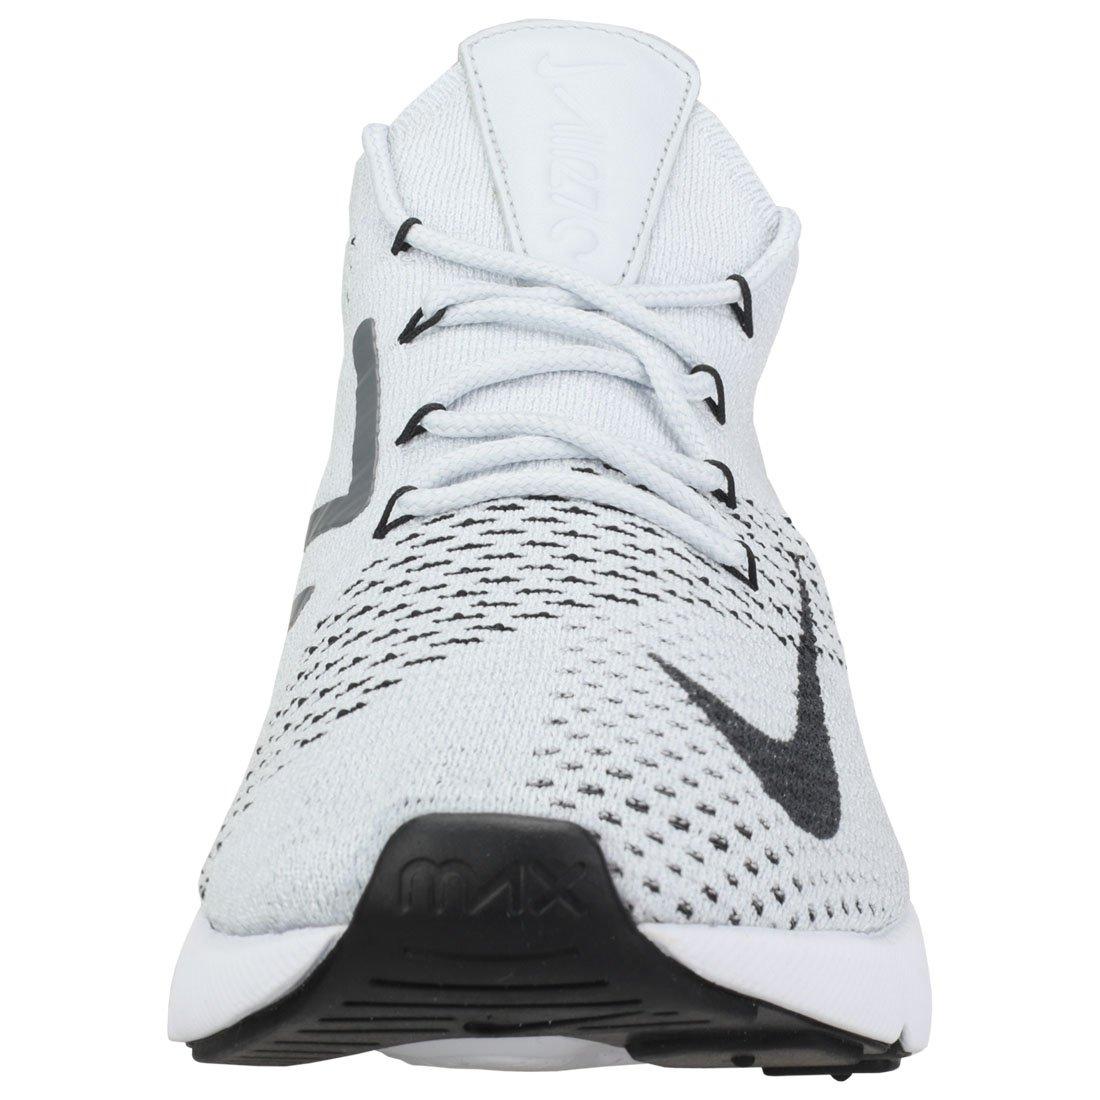 Nike AO1023 003, Herren Durchgängies Plateau Sandalen mit